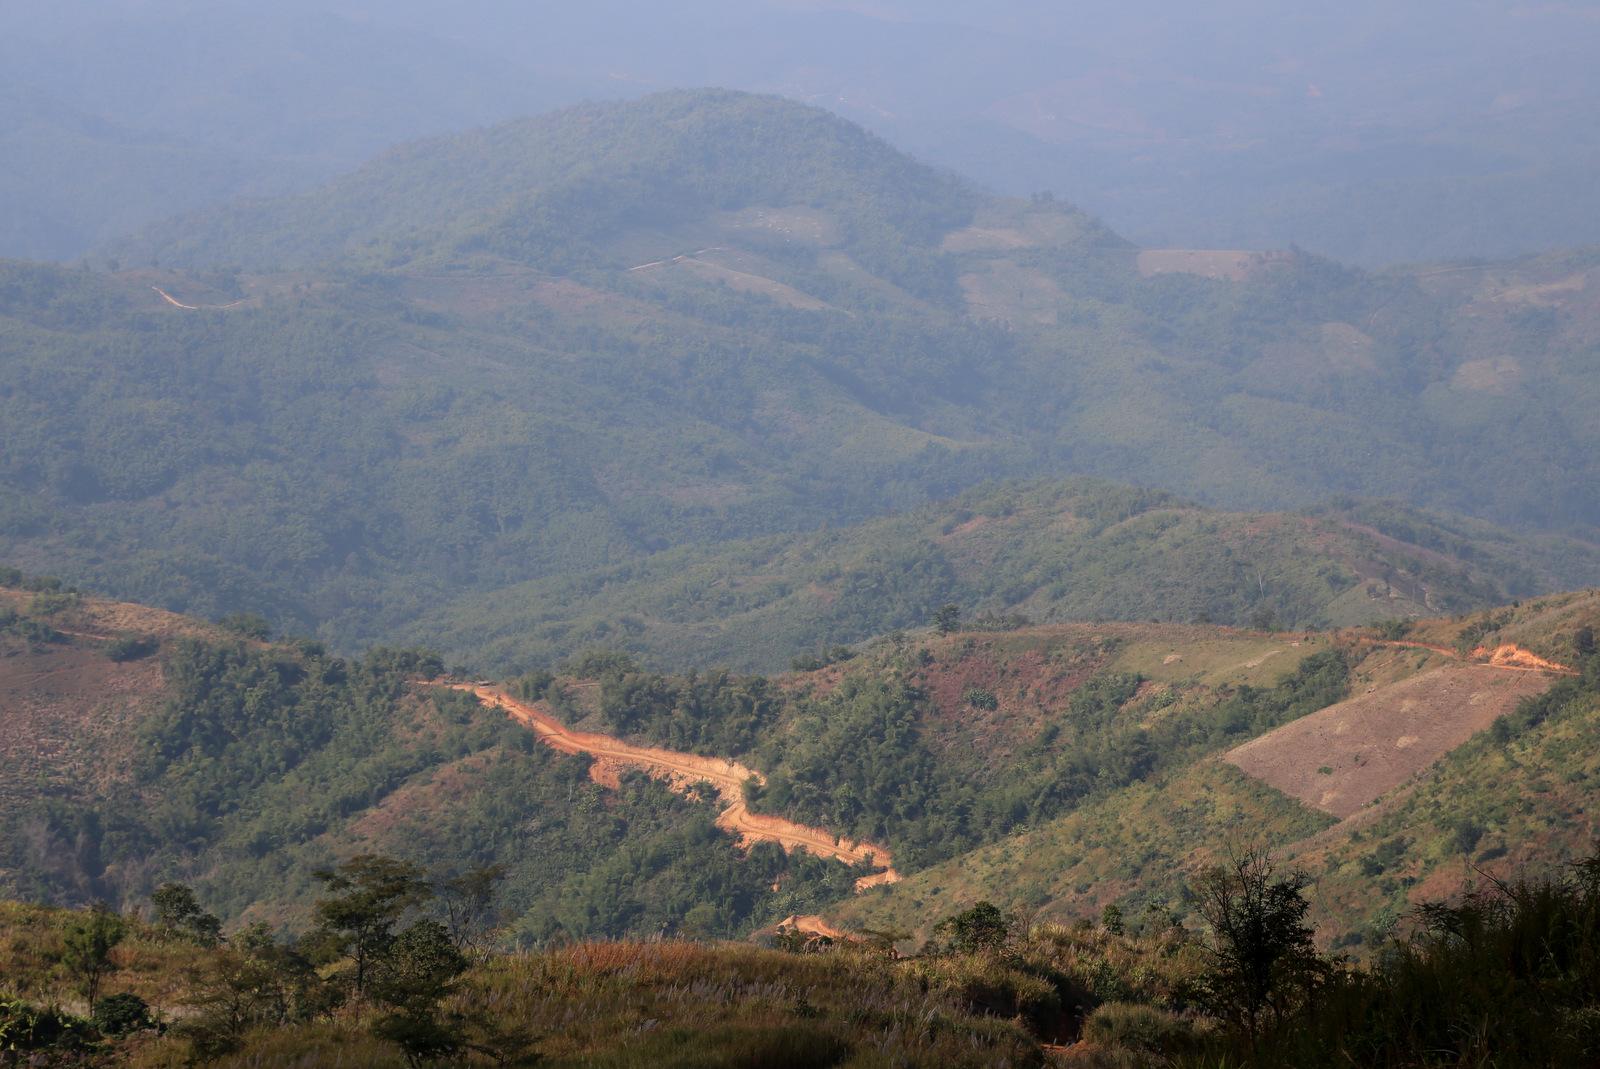 Burma border road